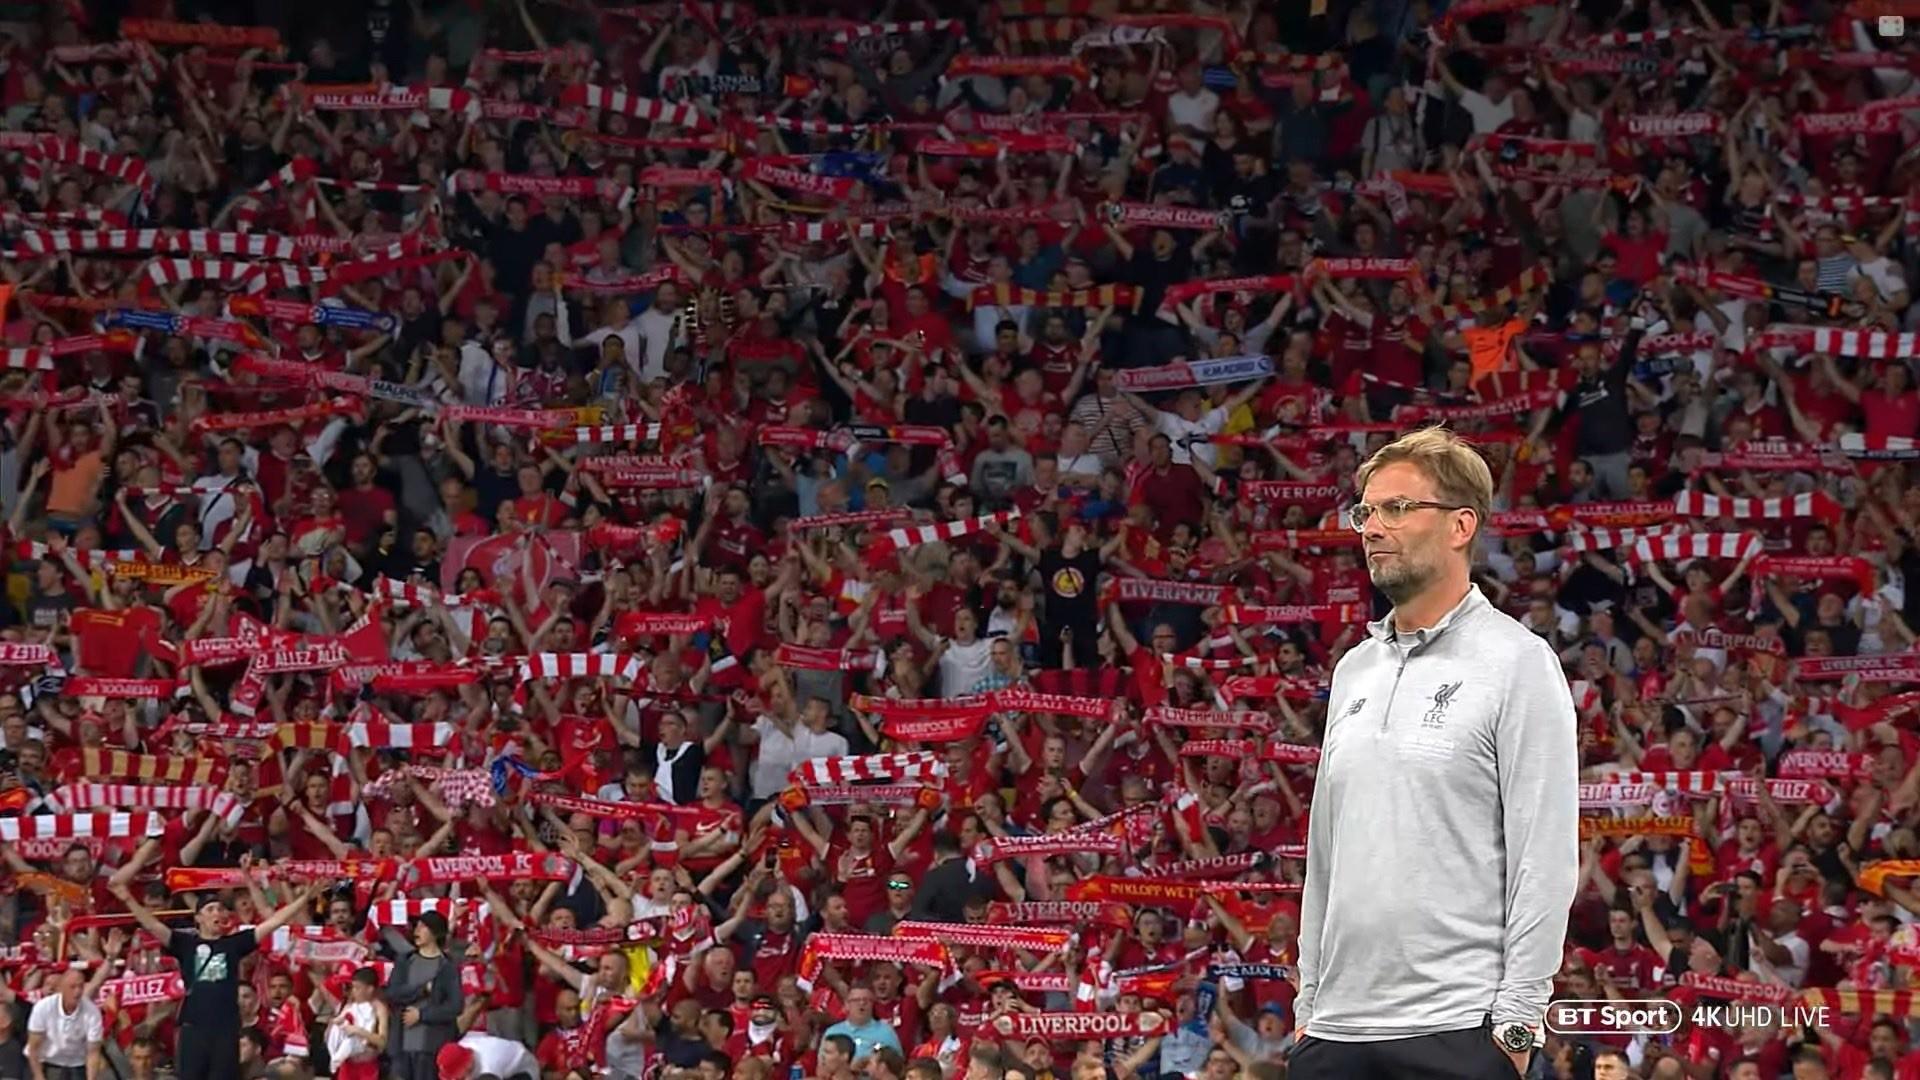 Desktop Wallpaper Liverpool Fc Champions League Wallpaper